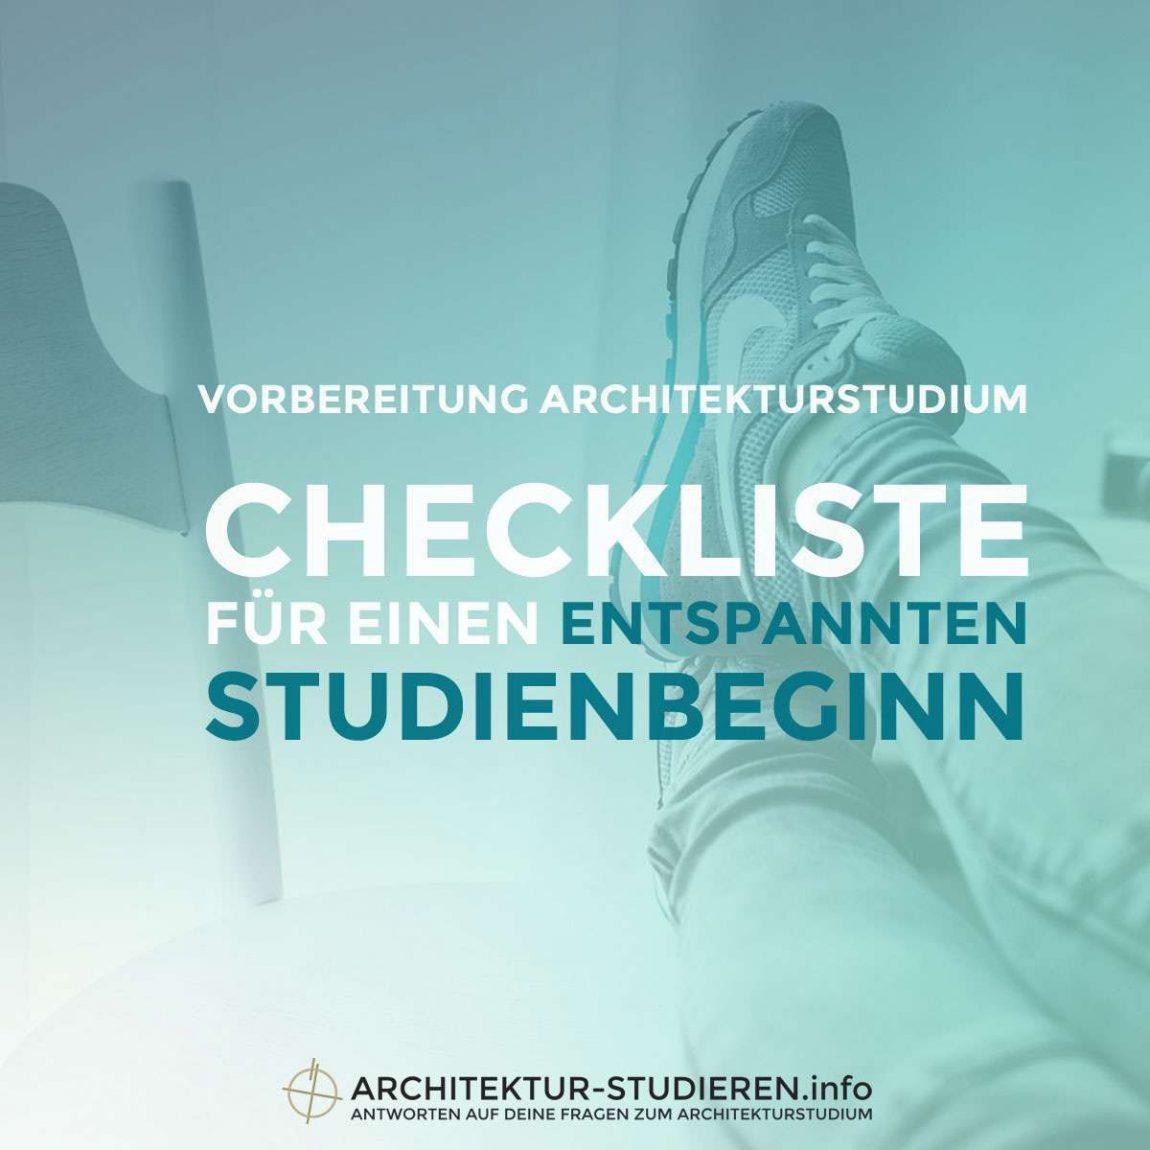 Vorbereitung Architekturstudium: Checkliste für einen entspannten Studienbeginn | © Architektur-studieren.info